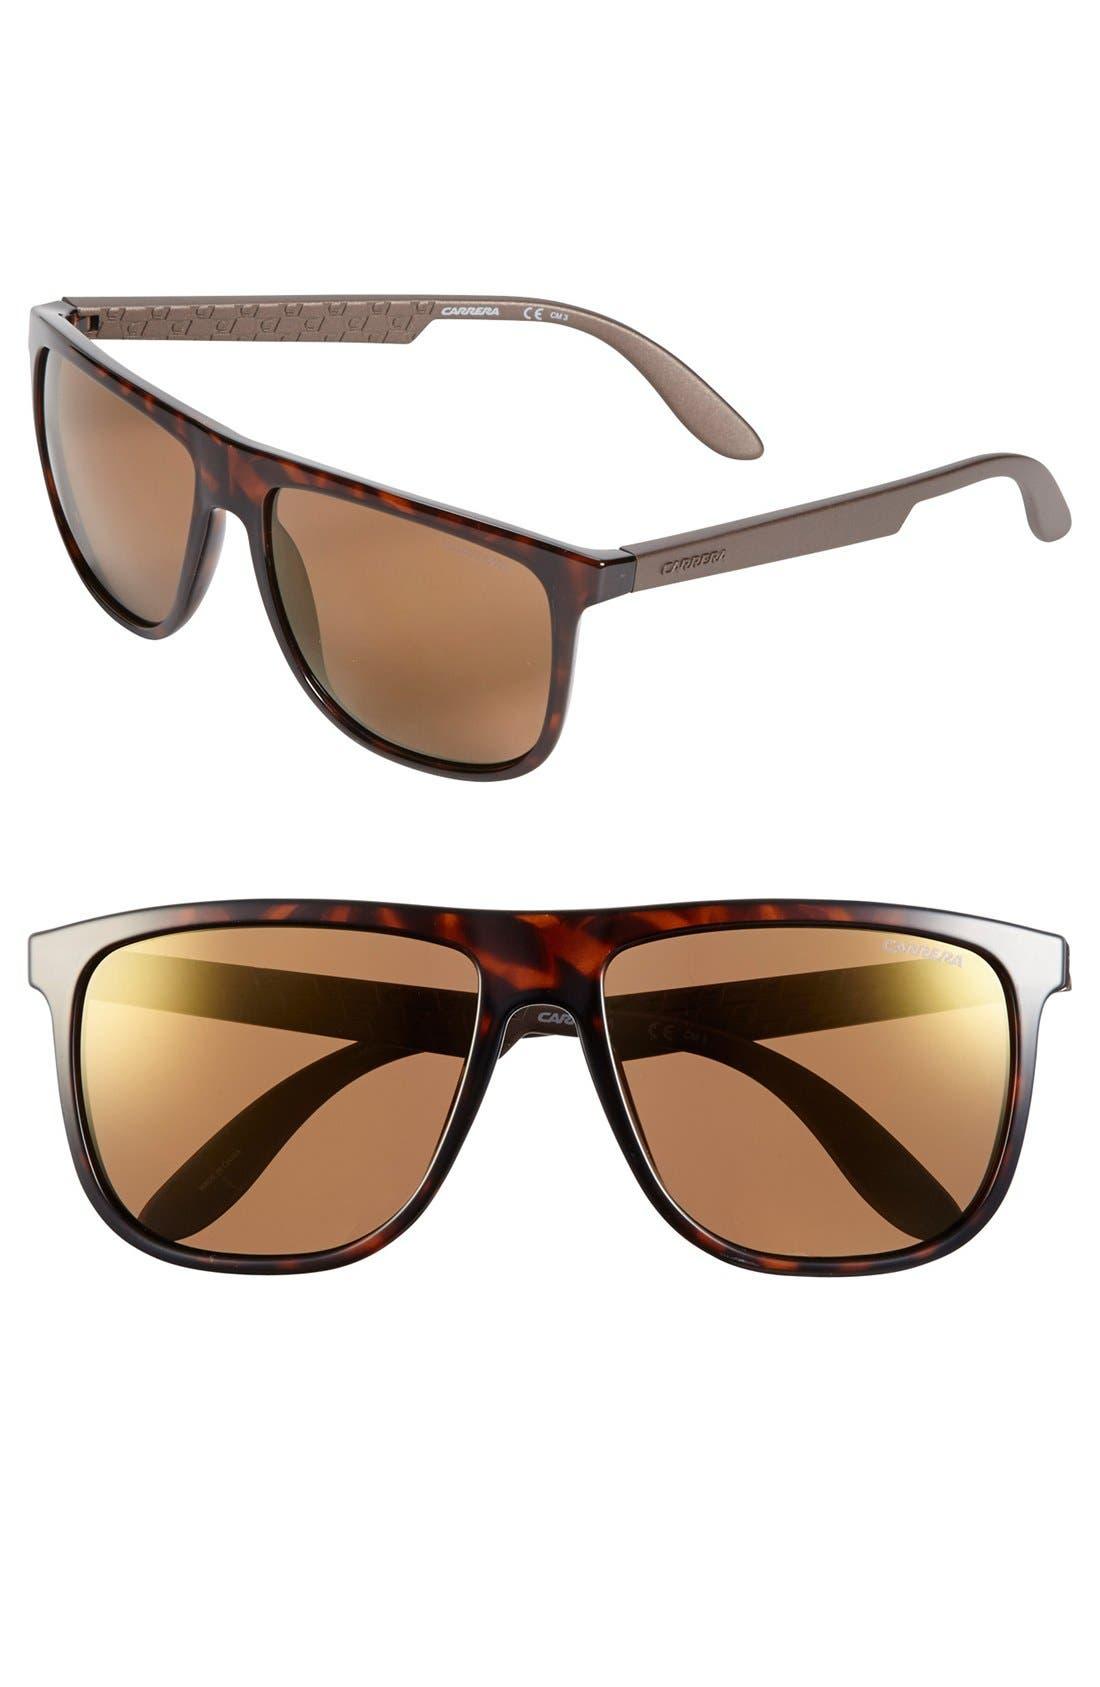 Main Image - Carrera Eyewear '5003' Sunglasses